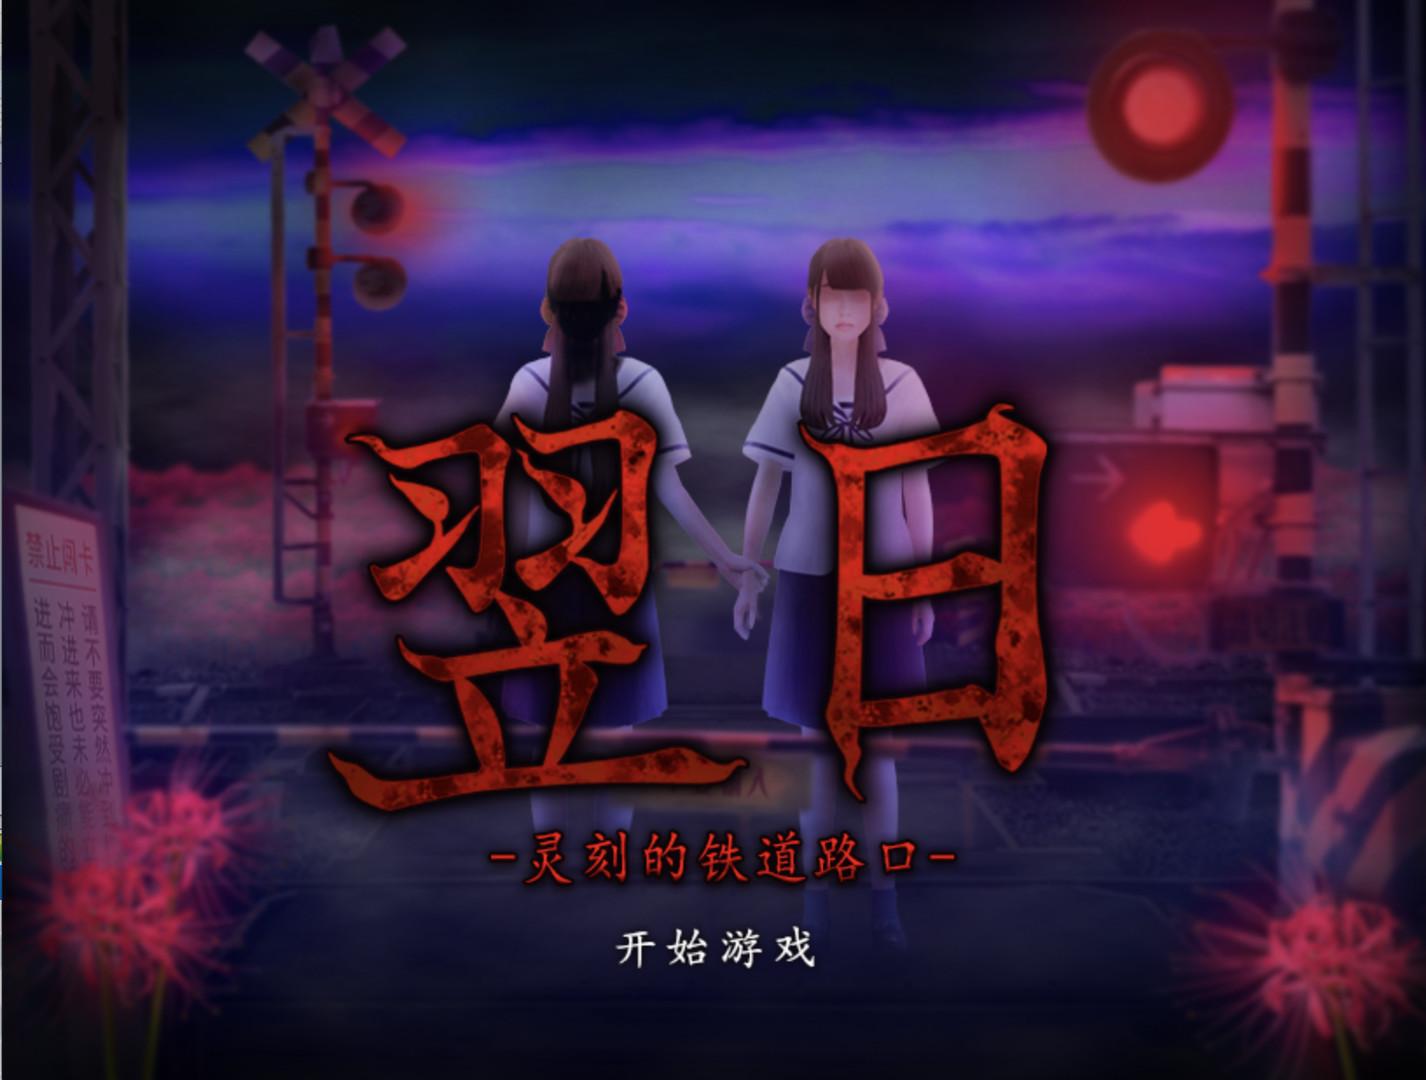 翌日Tsugunohi 免安装中文版 恐怖新游